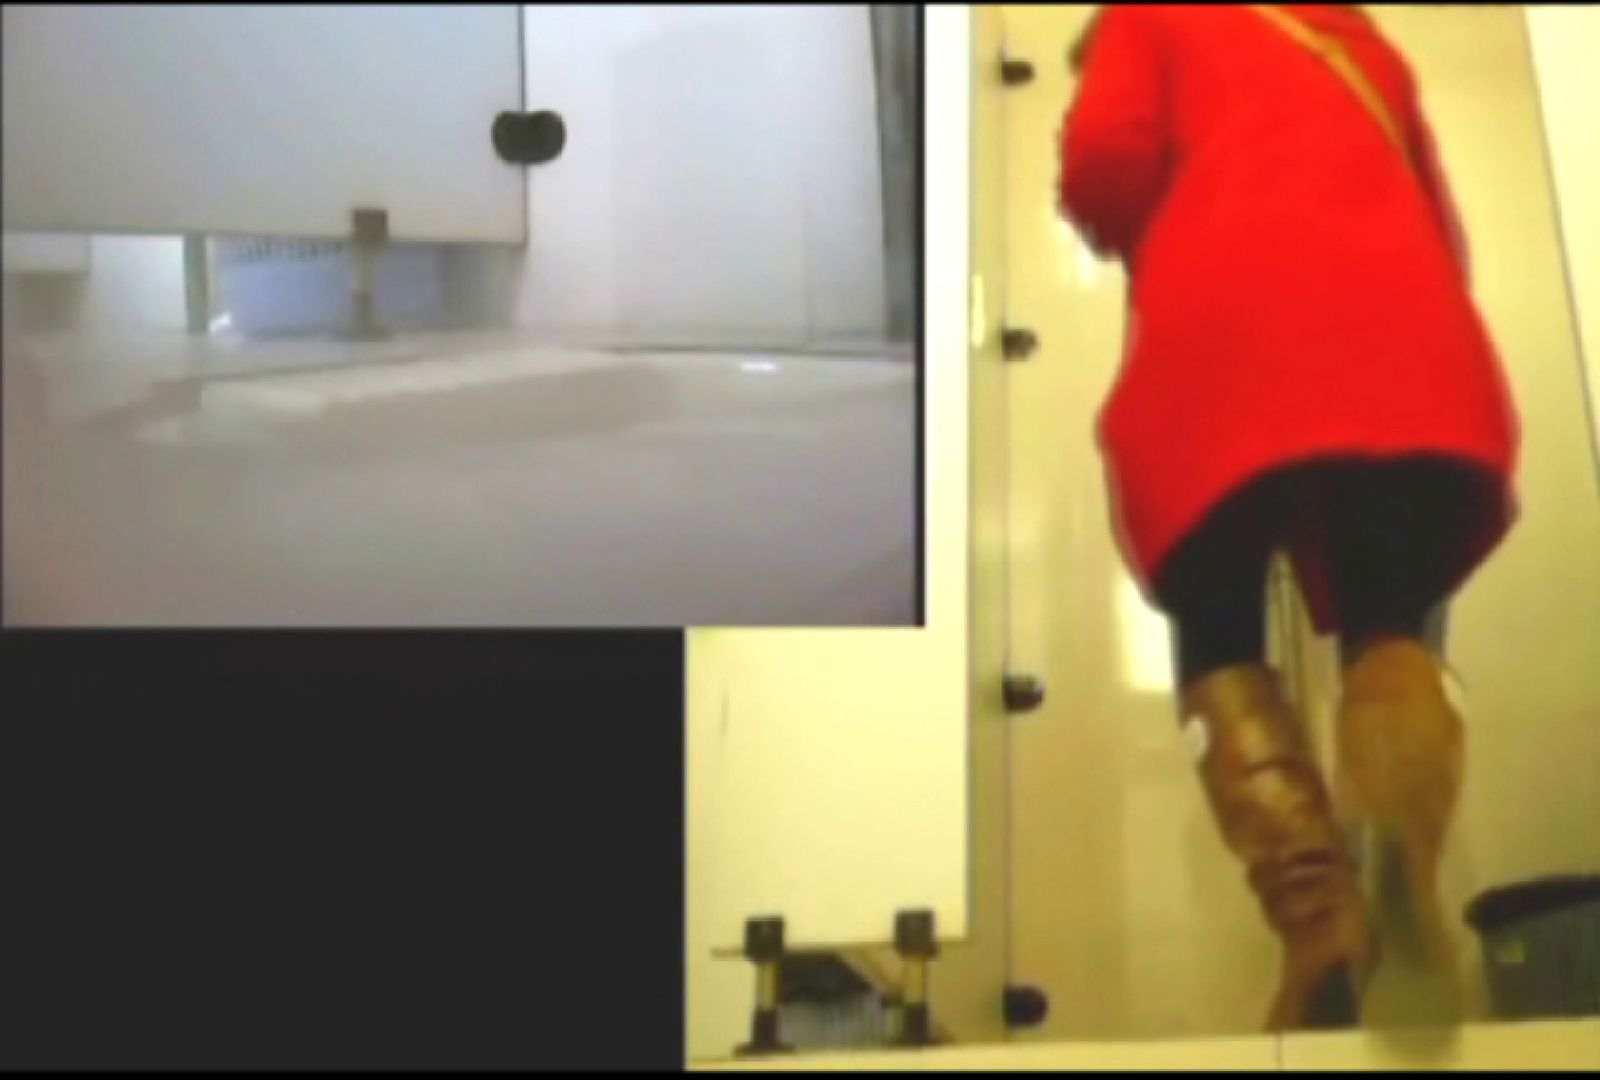 洗面所で暗躍する撮師たちの潜入記Vol.4 和式   洗面所  29PICs 6